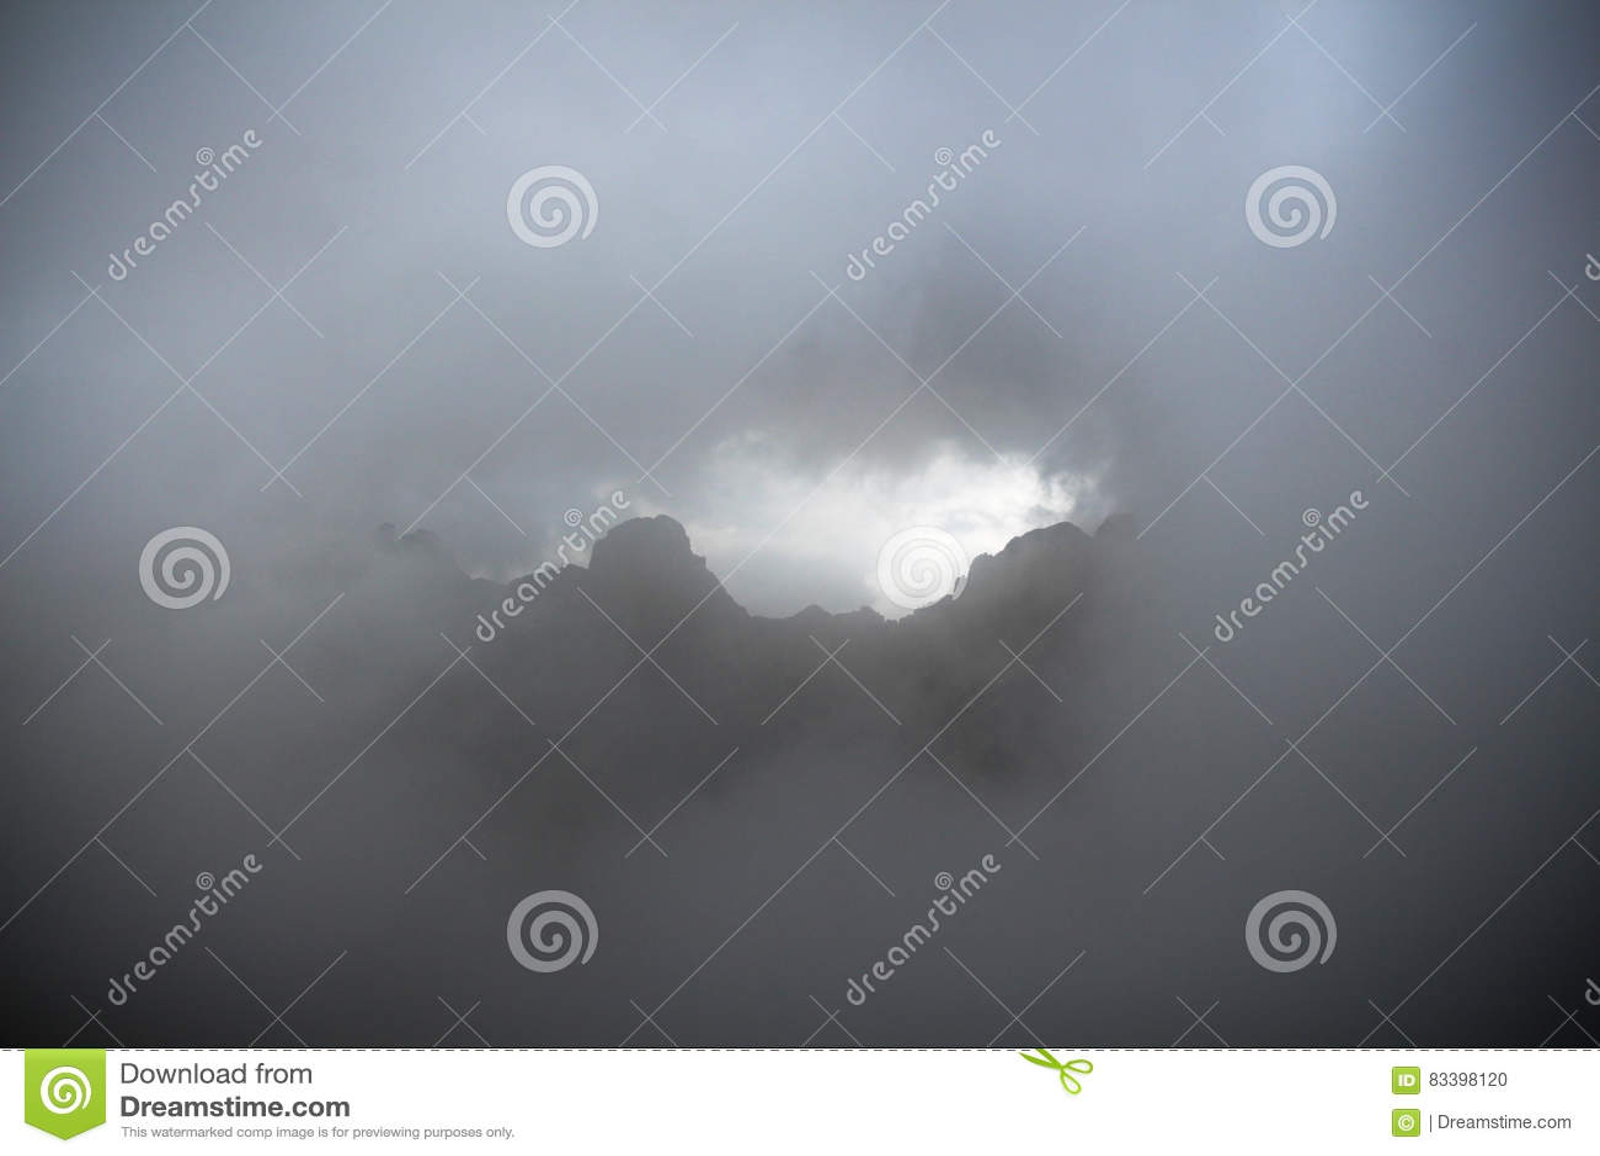 Tjock dimma i bergen